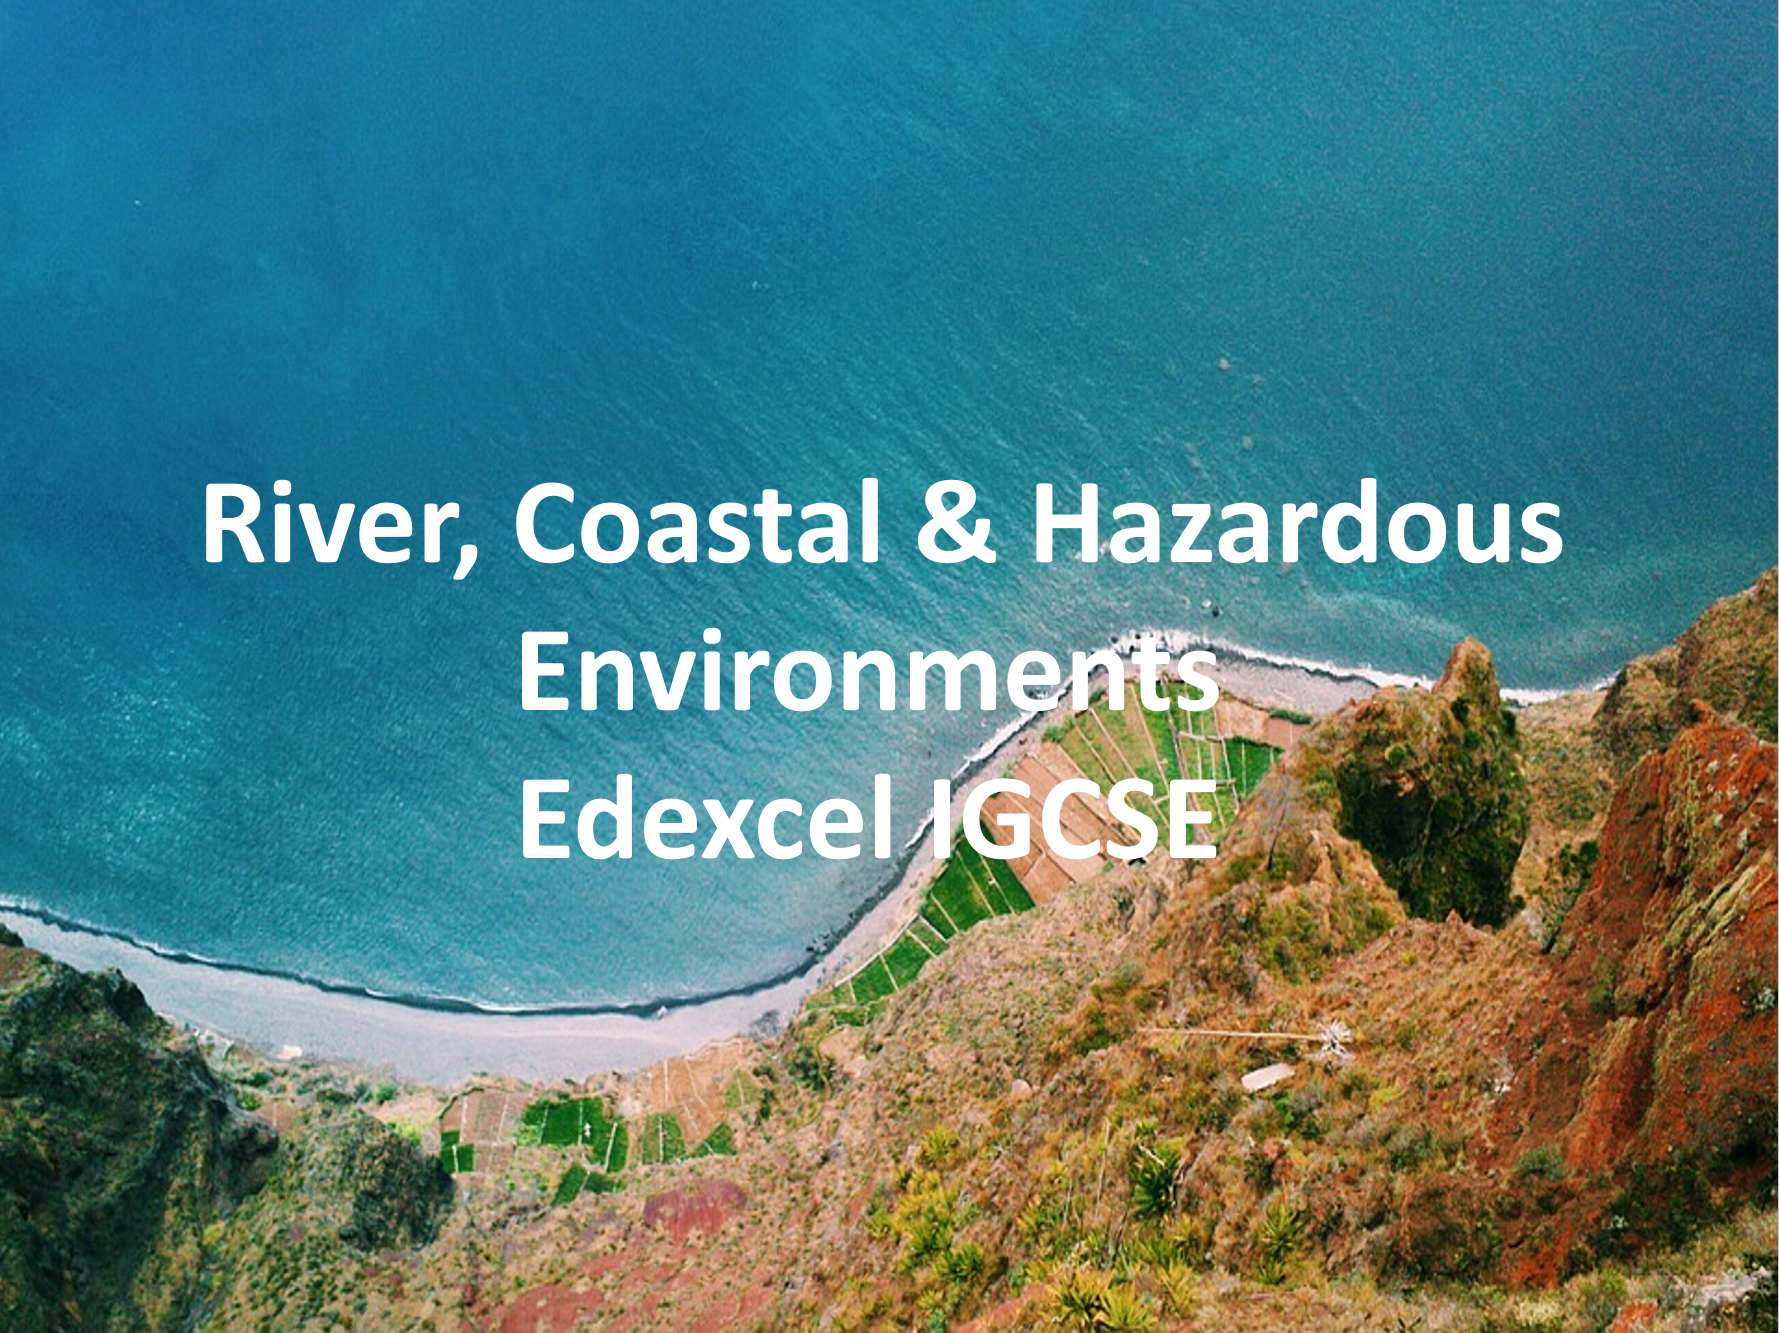 River, Coastal and Hazardous Environments - Edexcel IGCSE